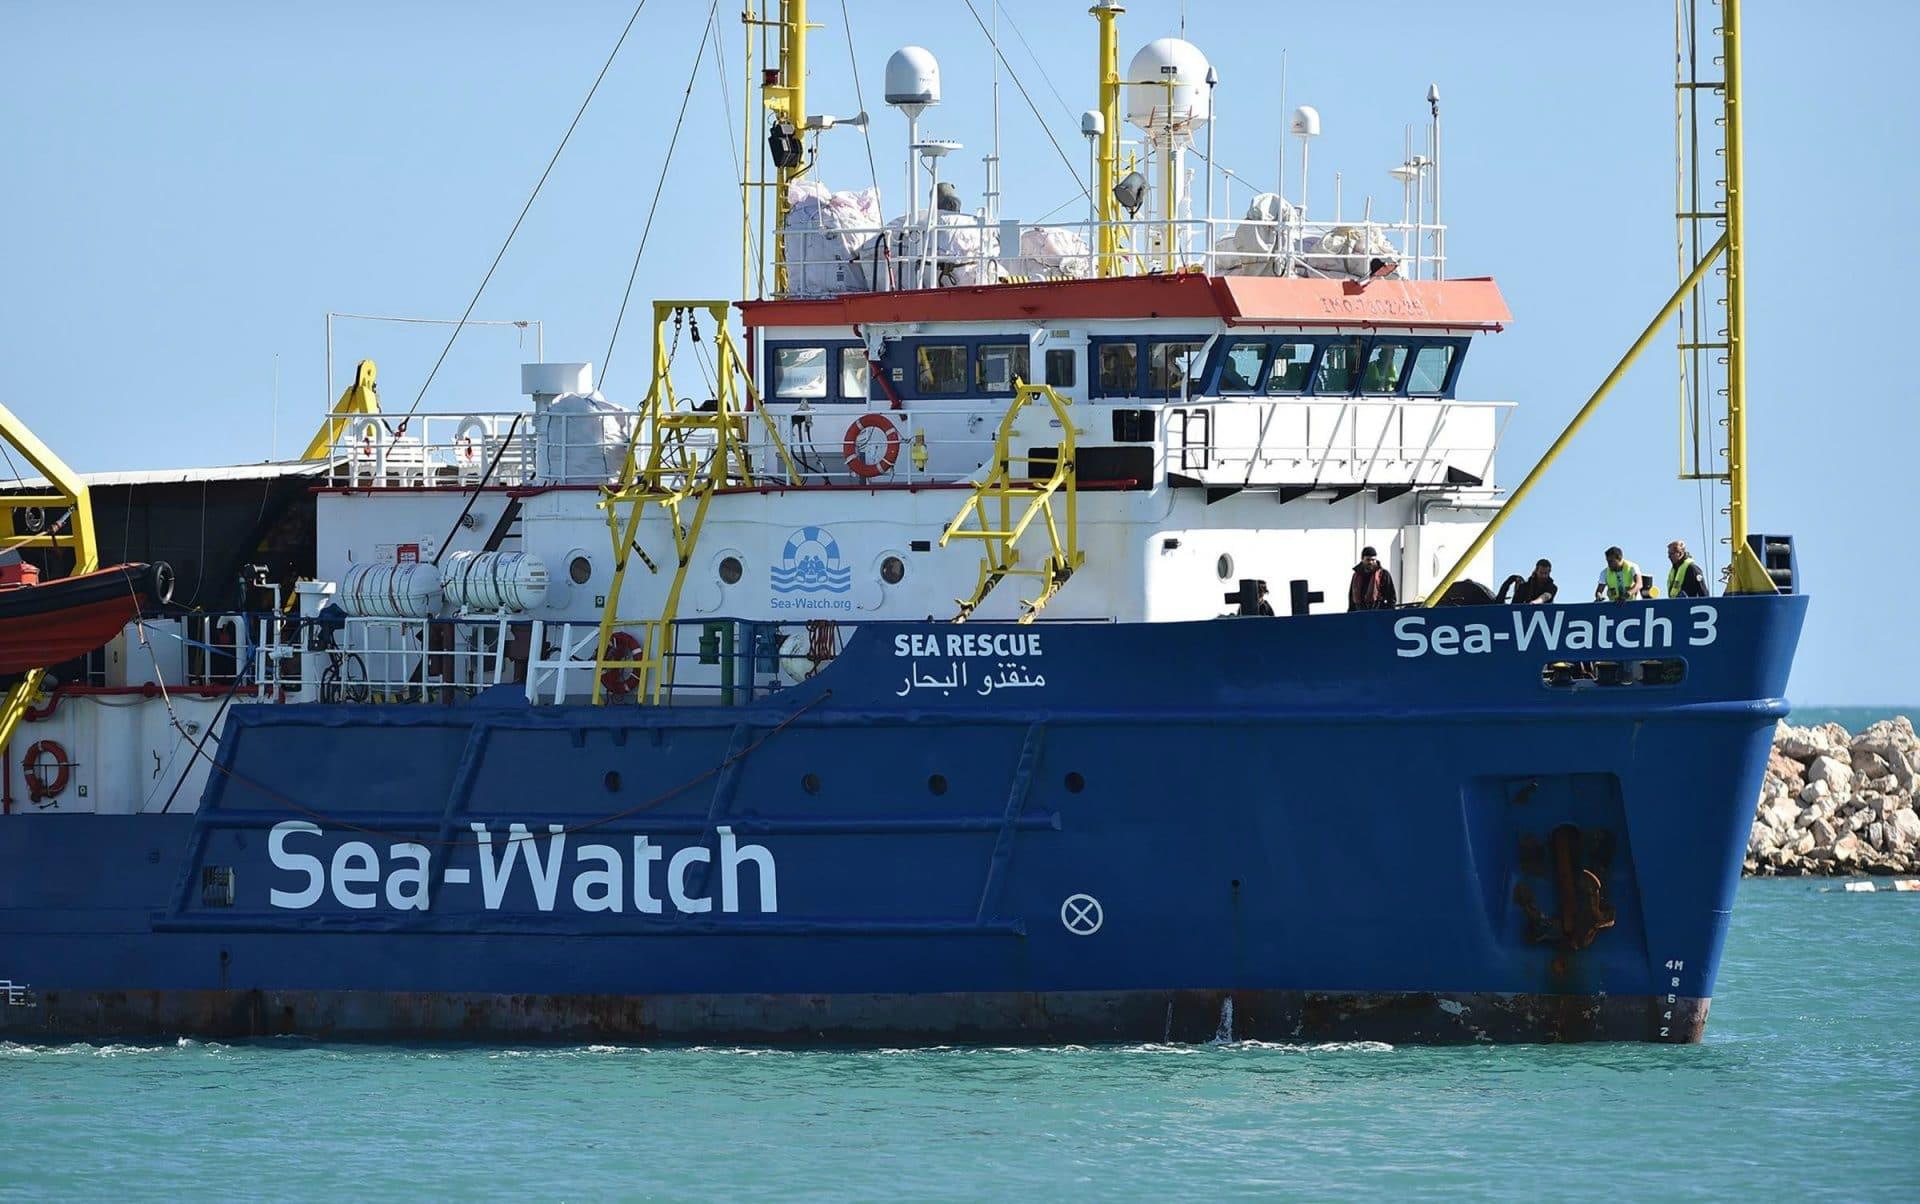 Salvini: 'Sbarco Sea Watch, ma trasferiamo migranti in Olanda' - Politica